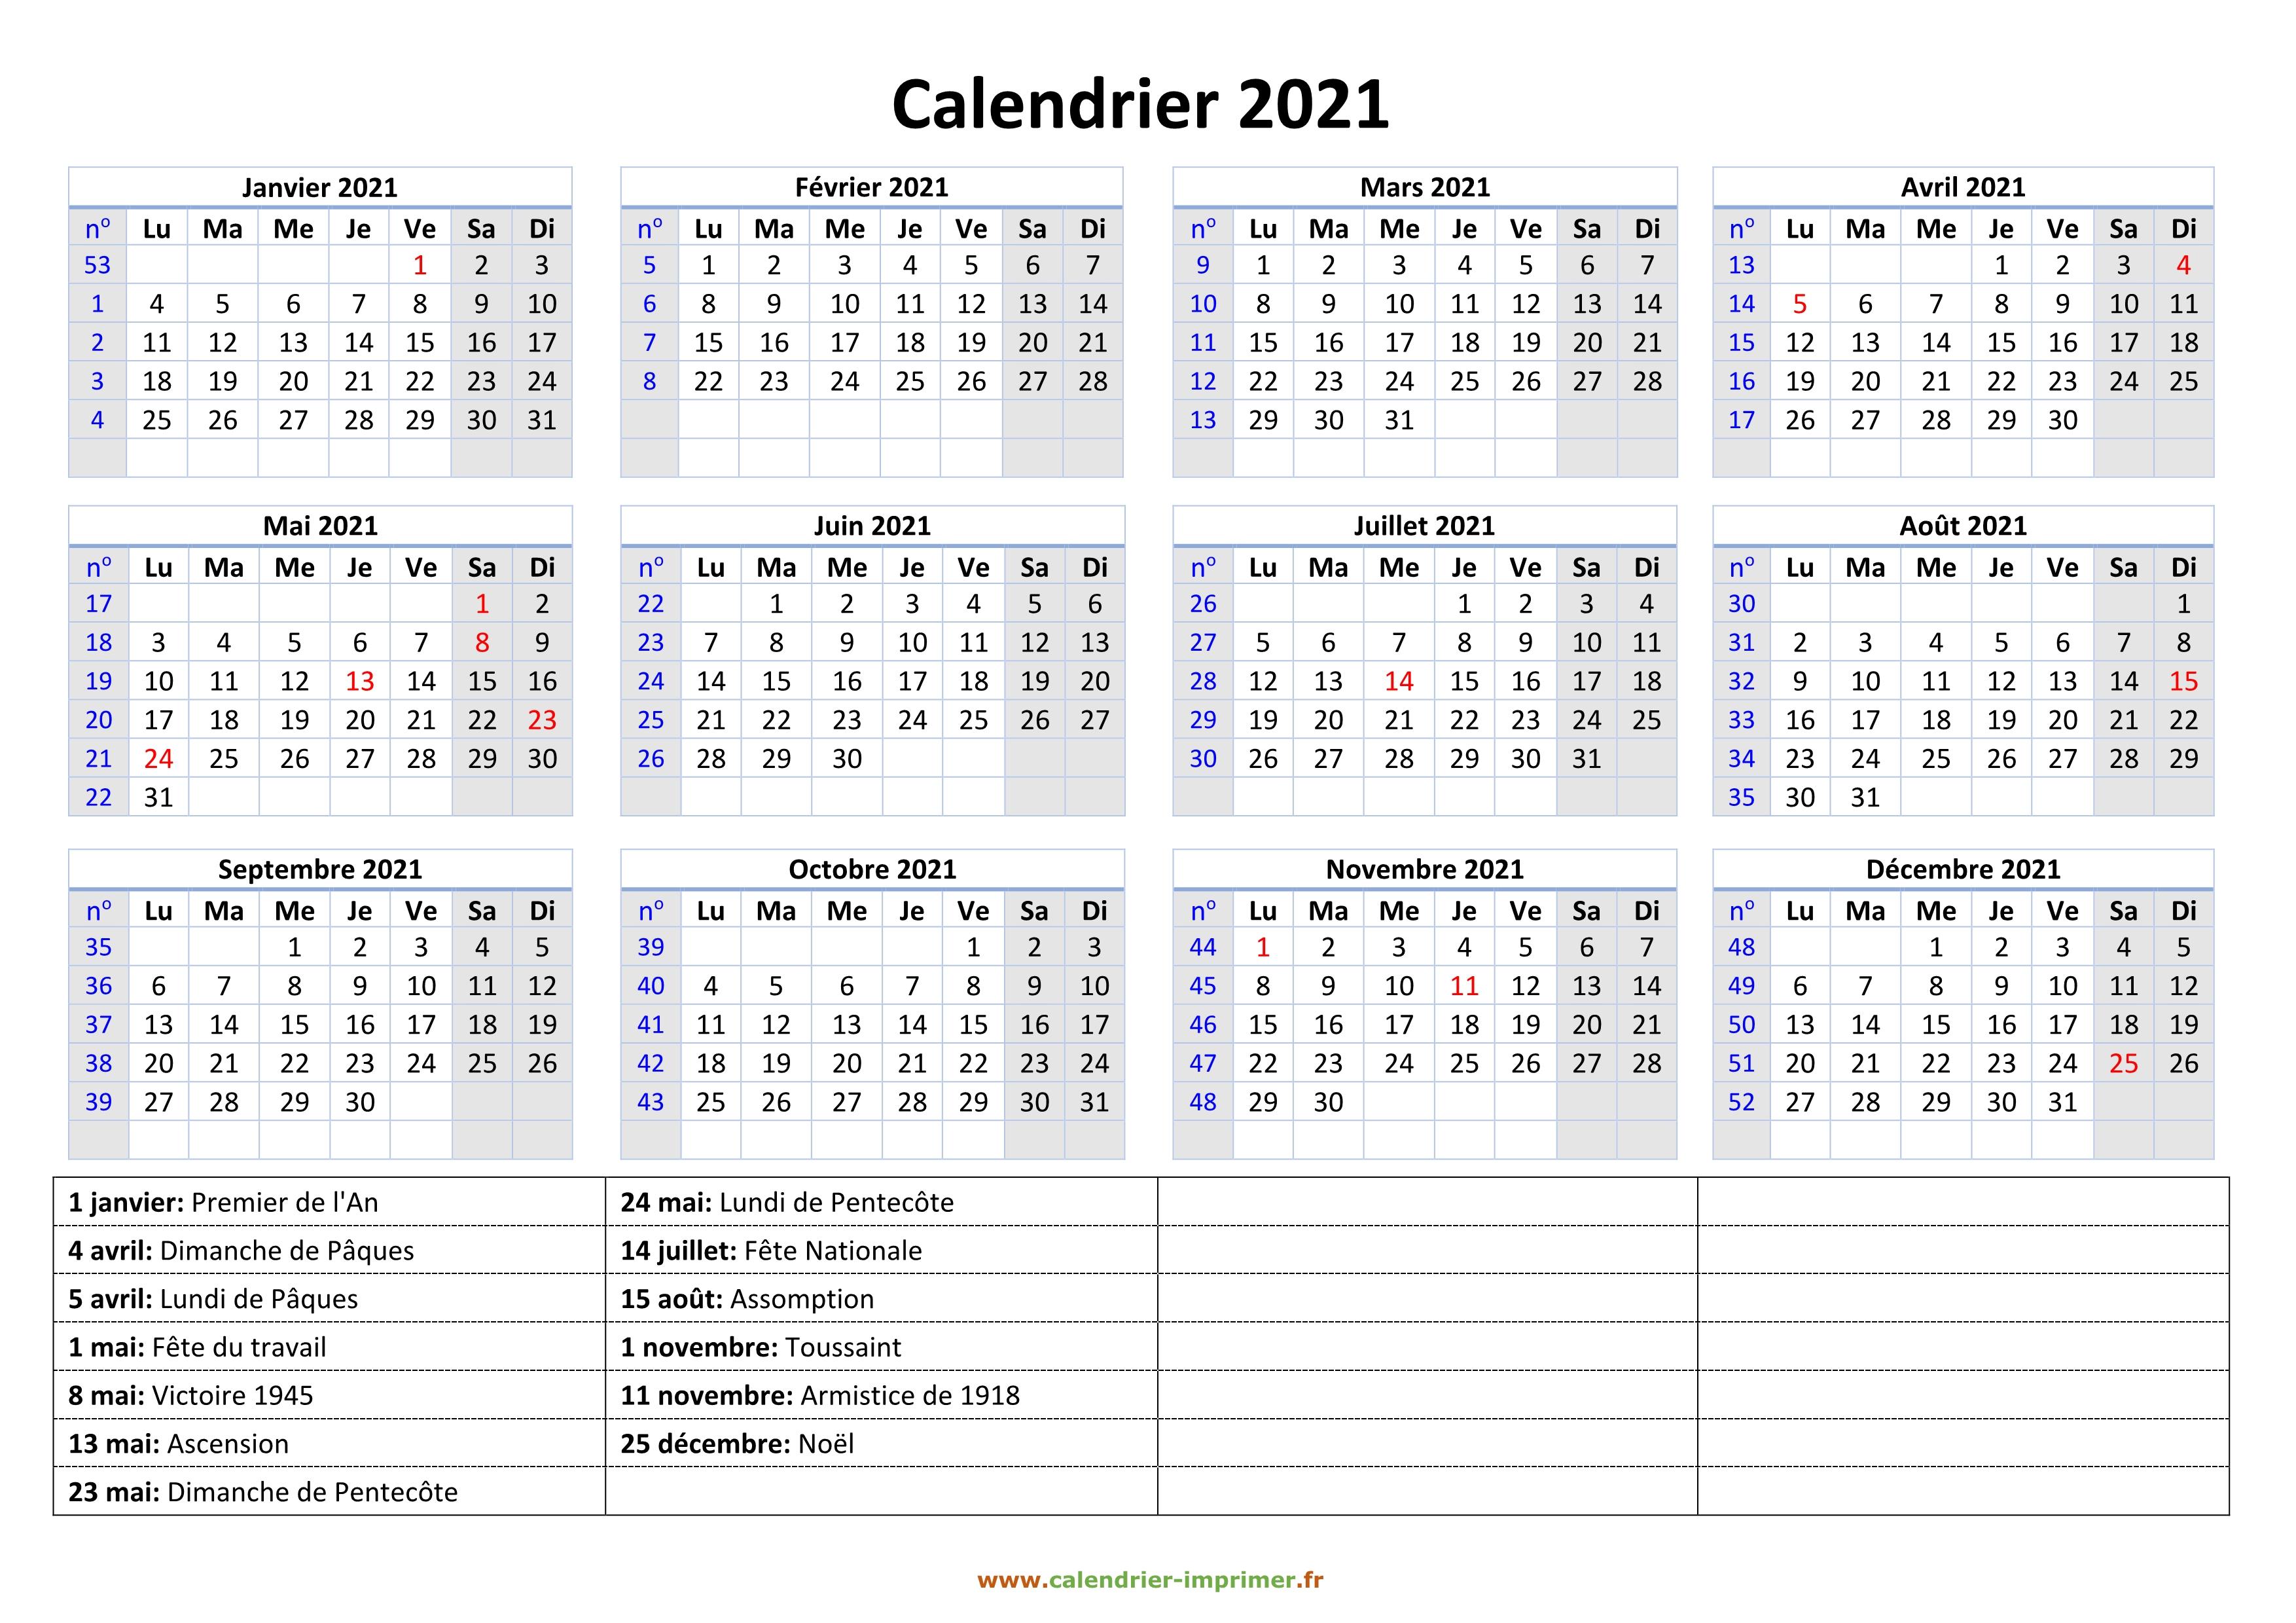 Calendrier 2021 à imprimer gratuit